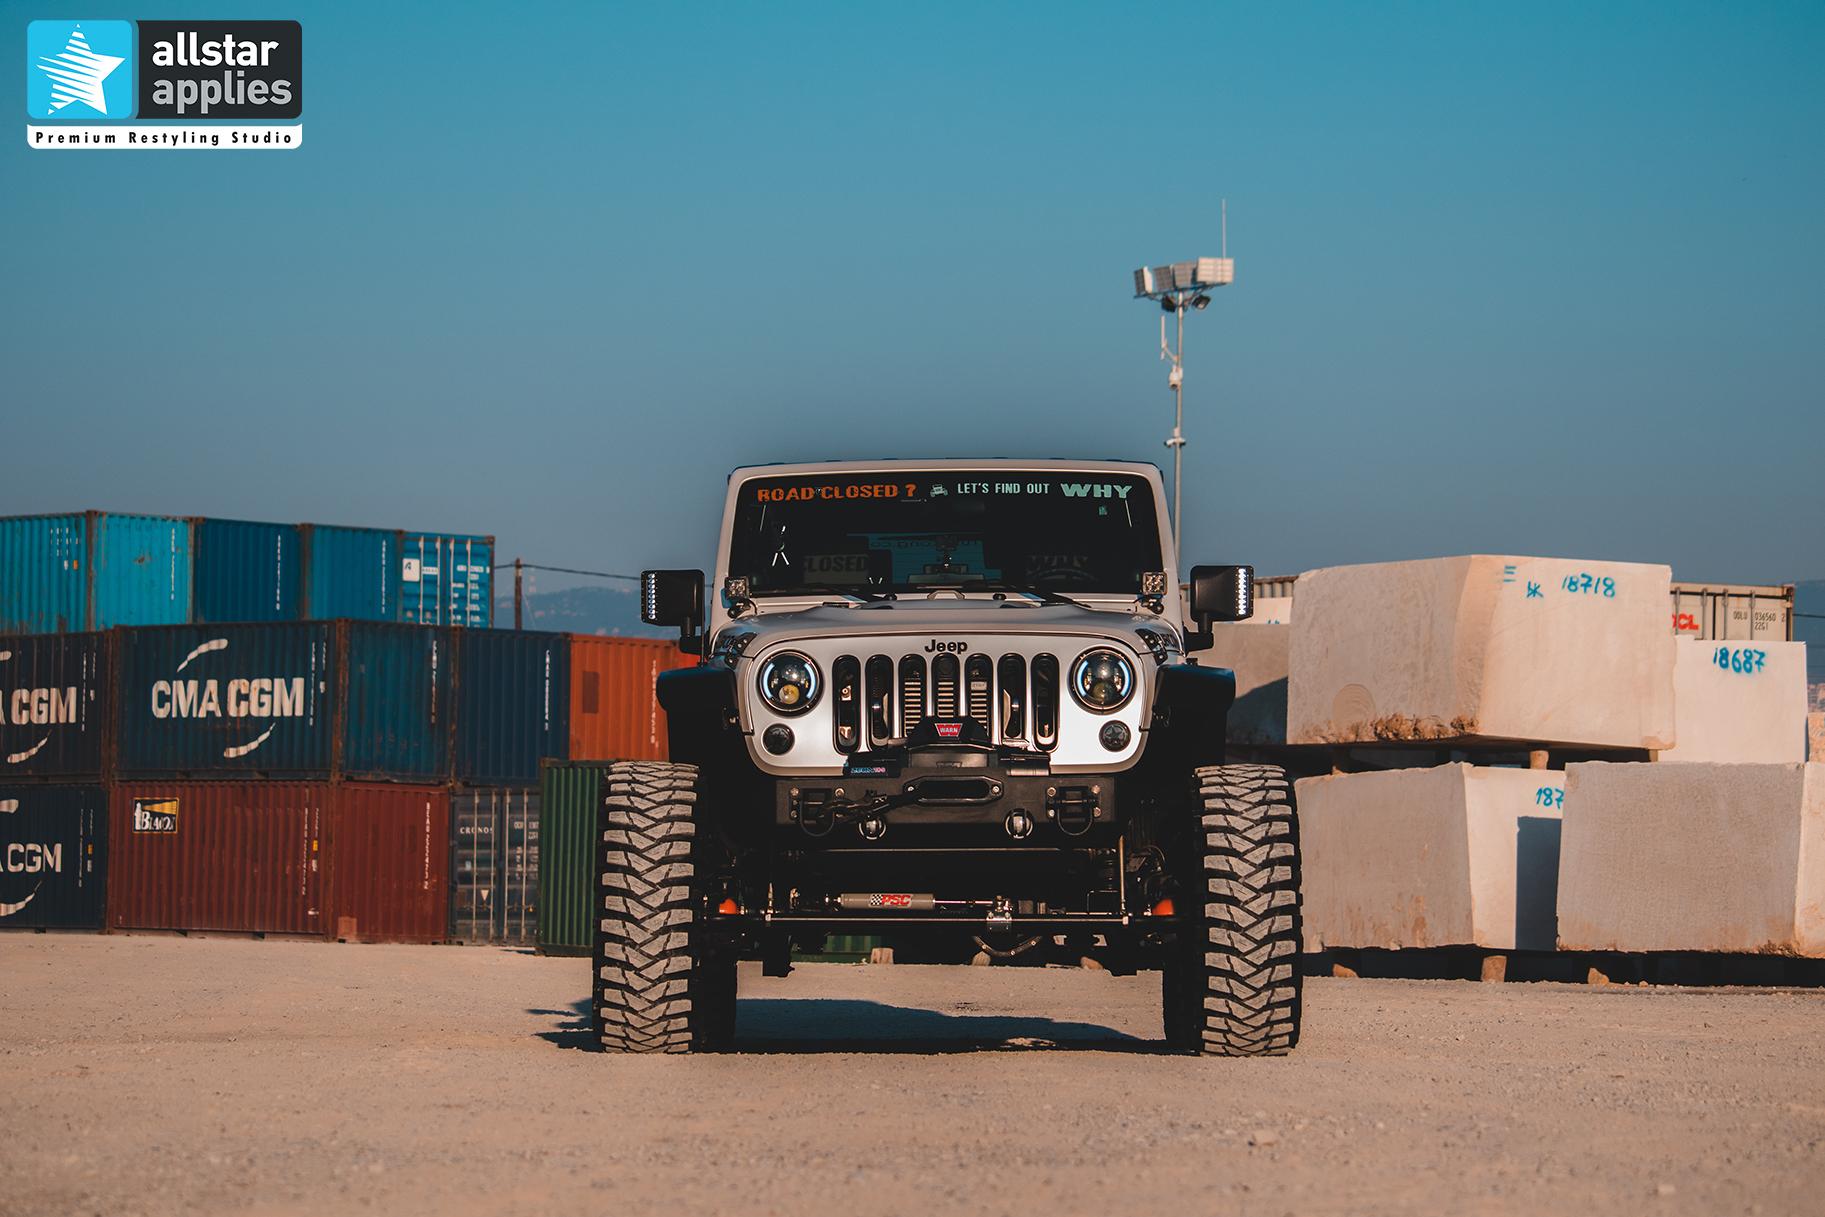 Αλλαγή χρώματος με μεμβράνες σε Jeep Wrangler στη Θεσσαλονίκη Allstar applies